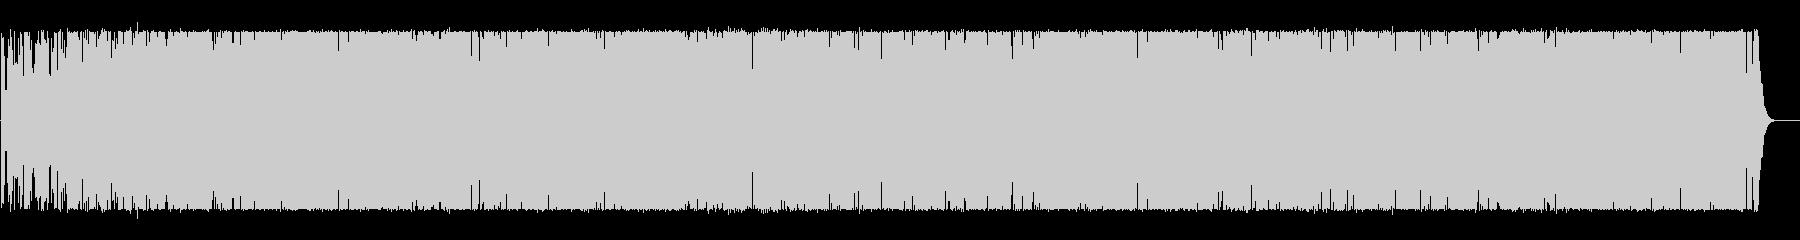 前向きで明るくポップなBGMの未再生の波形